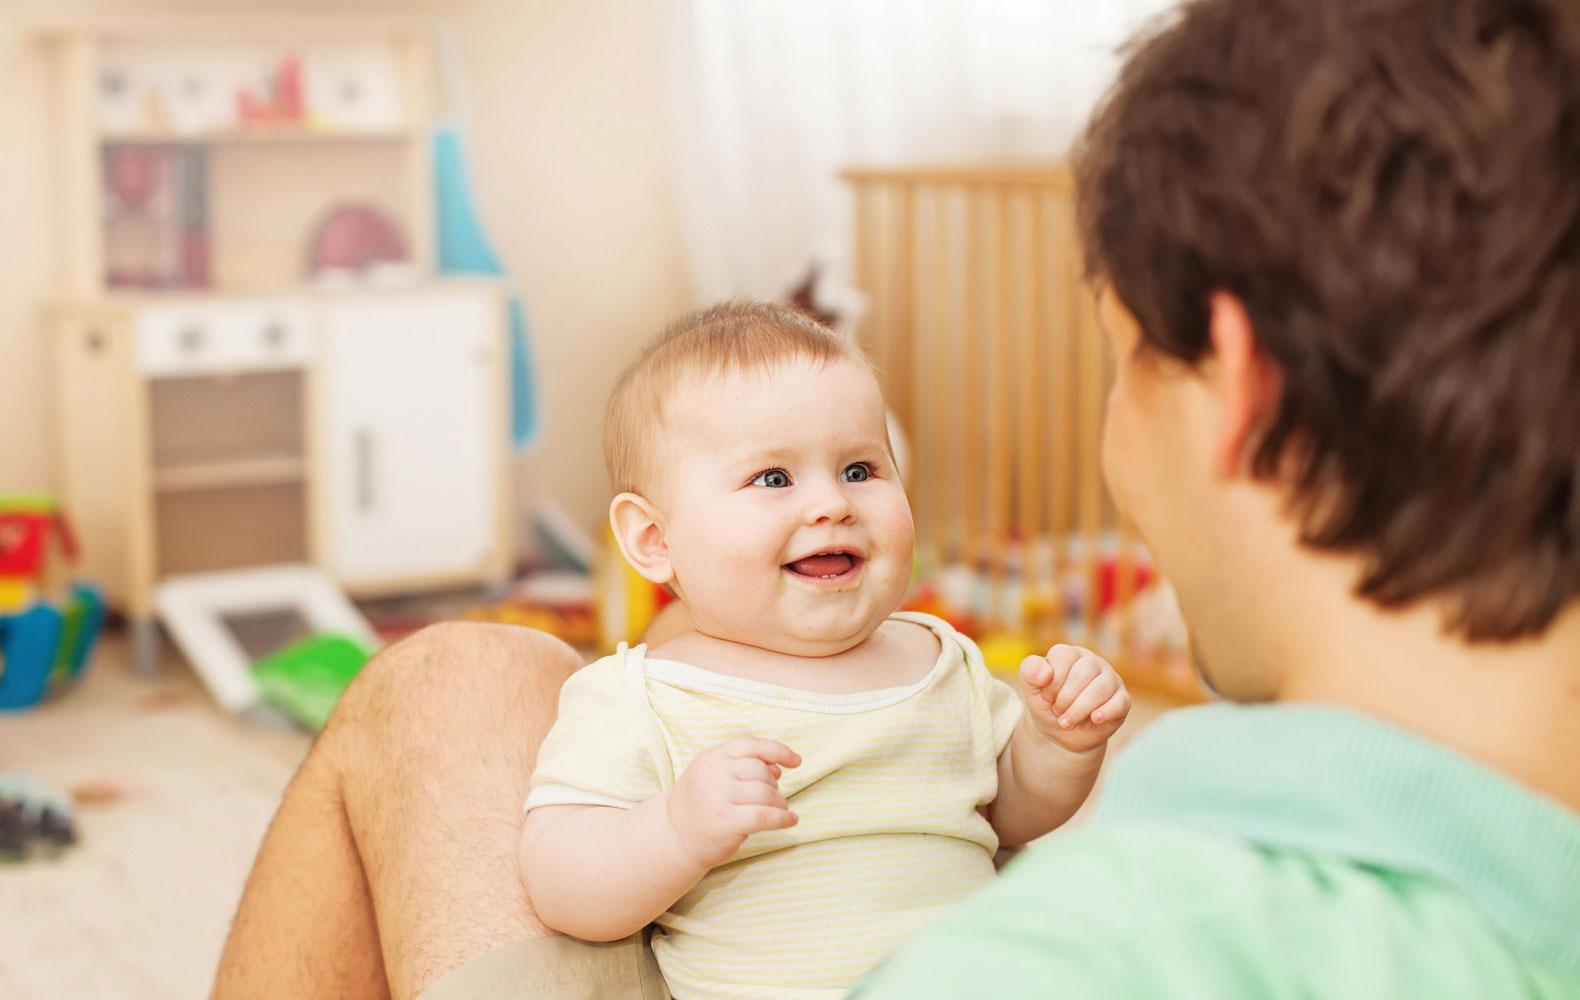 Гуление – это повторение ребенком родительской речи в упрощенном виде